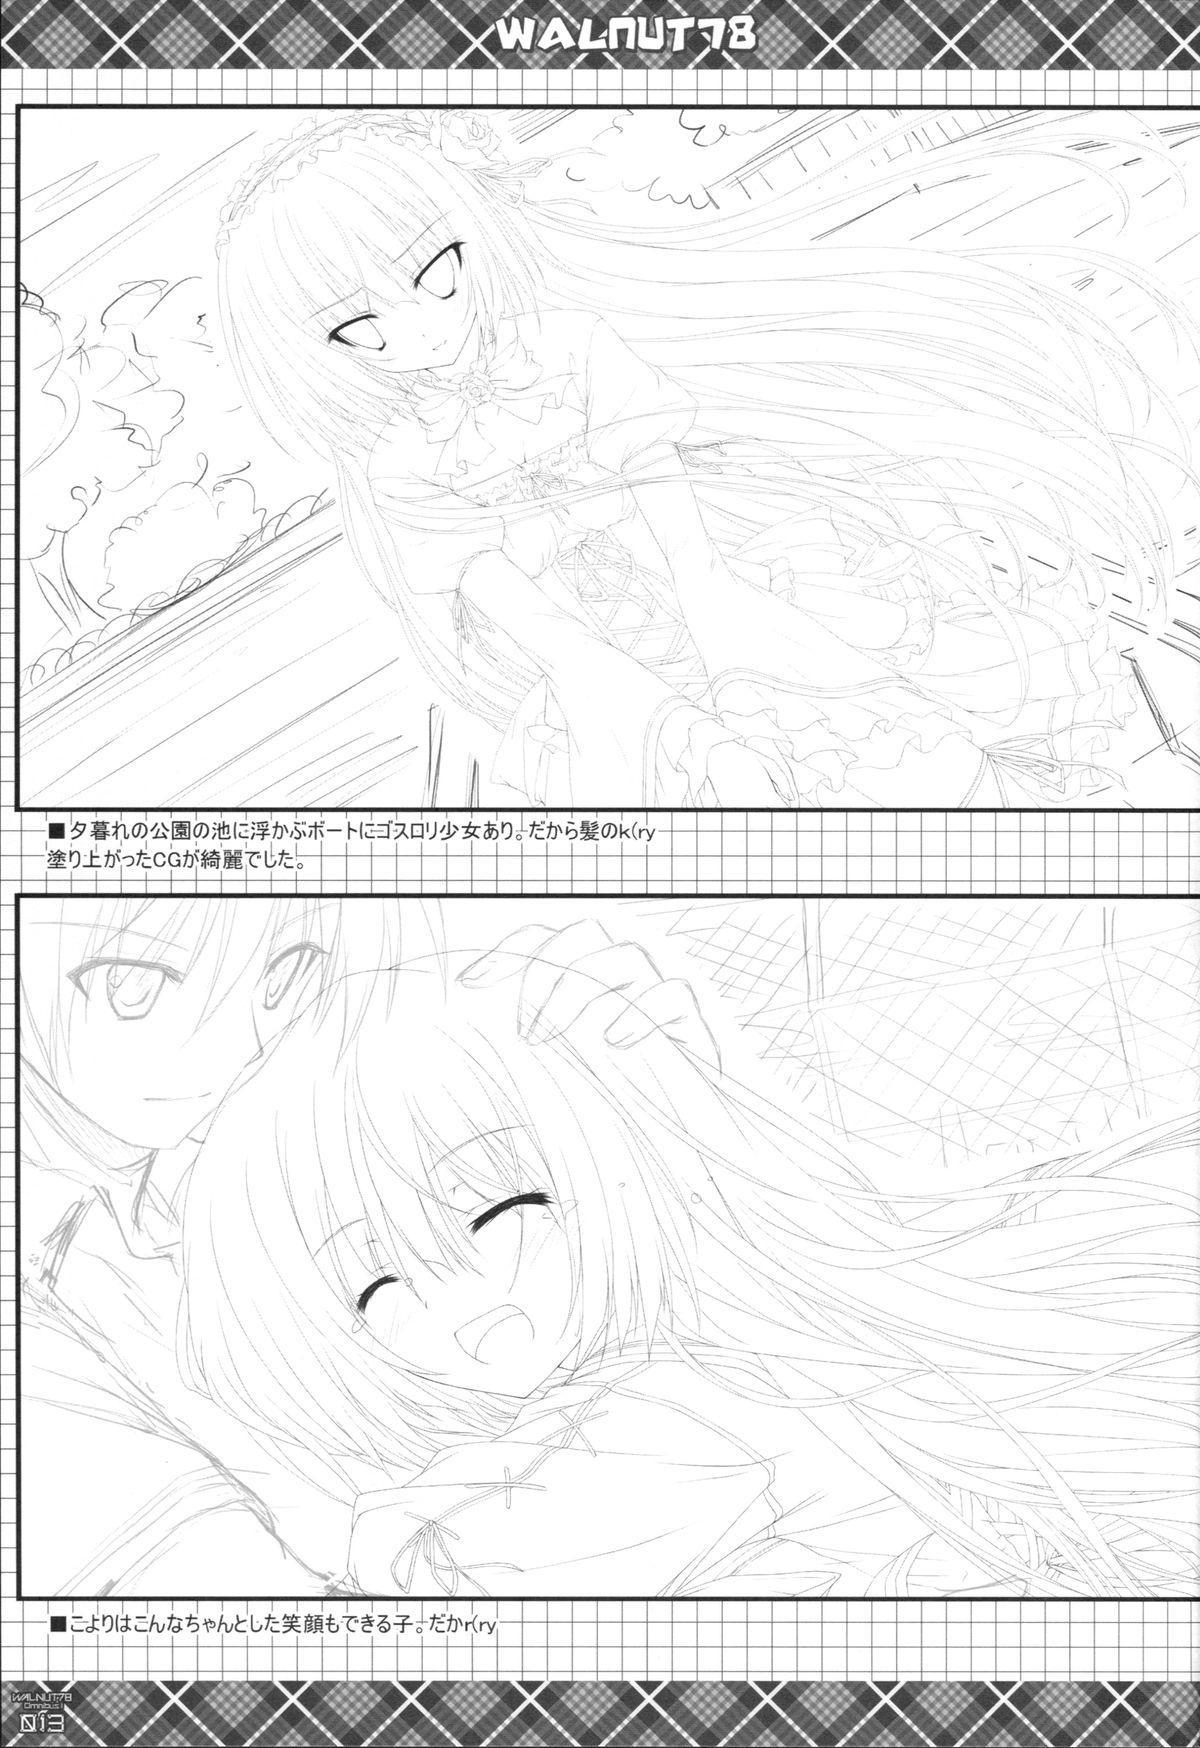 (C89) [Sui-en (Sui-en)] WALNUT78 Omnibus 1 -Suien-en Illustrations 2012-2014- (Various) 10